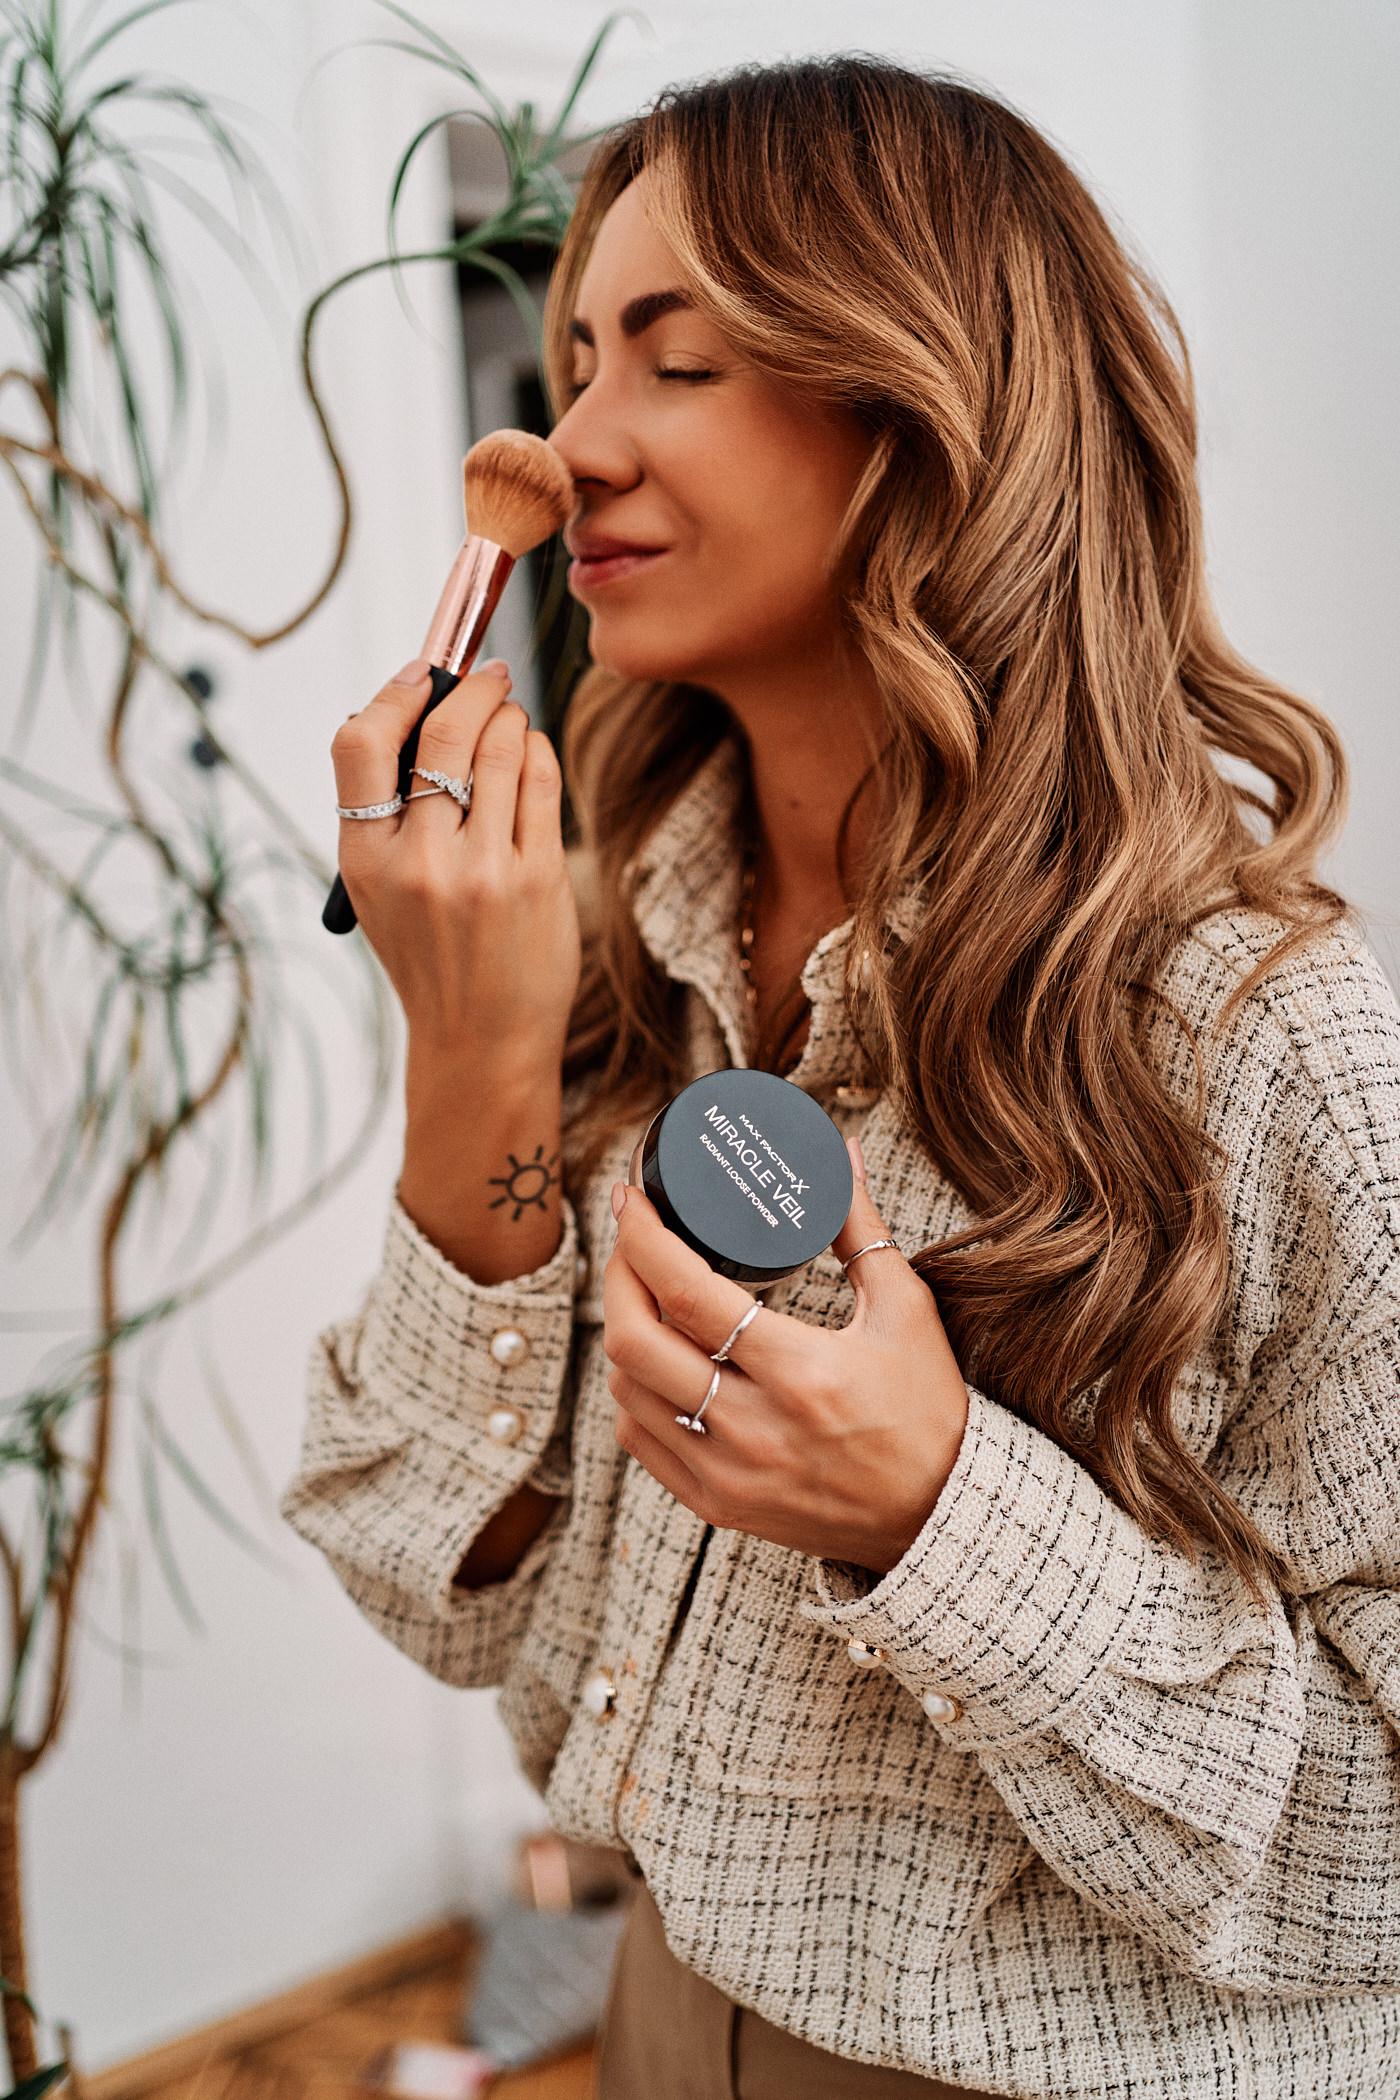 Chcesz wykonać idealny i supertrwały makijaż świąteczny? Wybierz sypki puder rozświetlający Max Factor Miracle Veil, który utrwali mejkap na dłużej